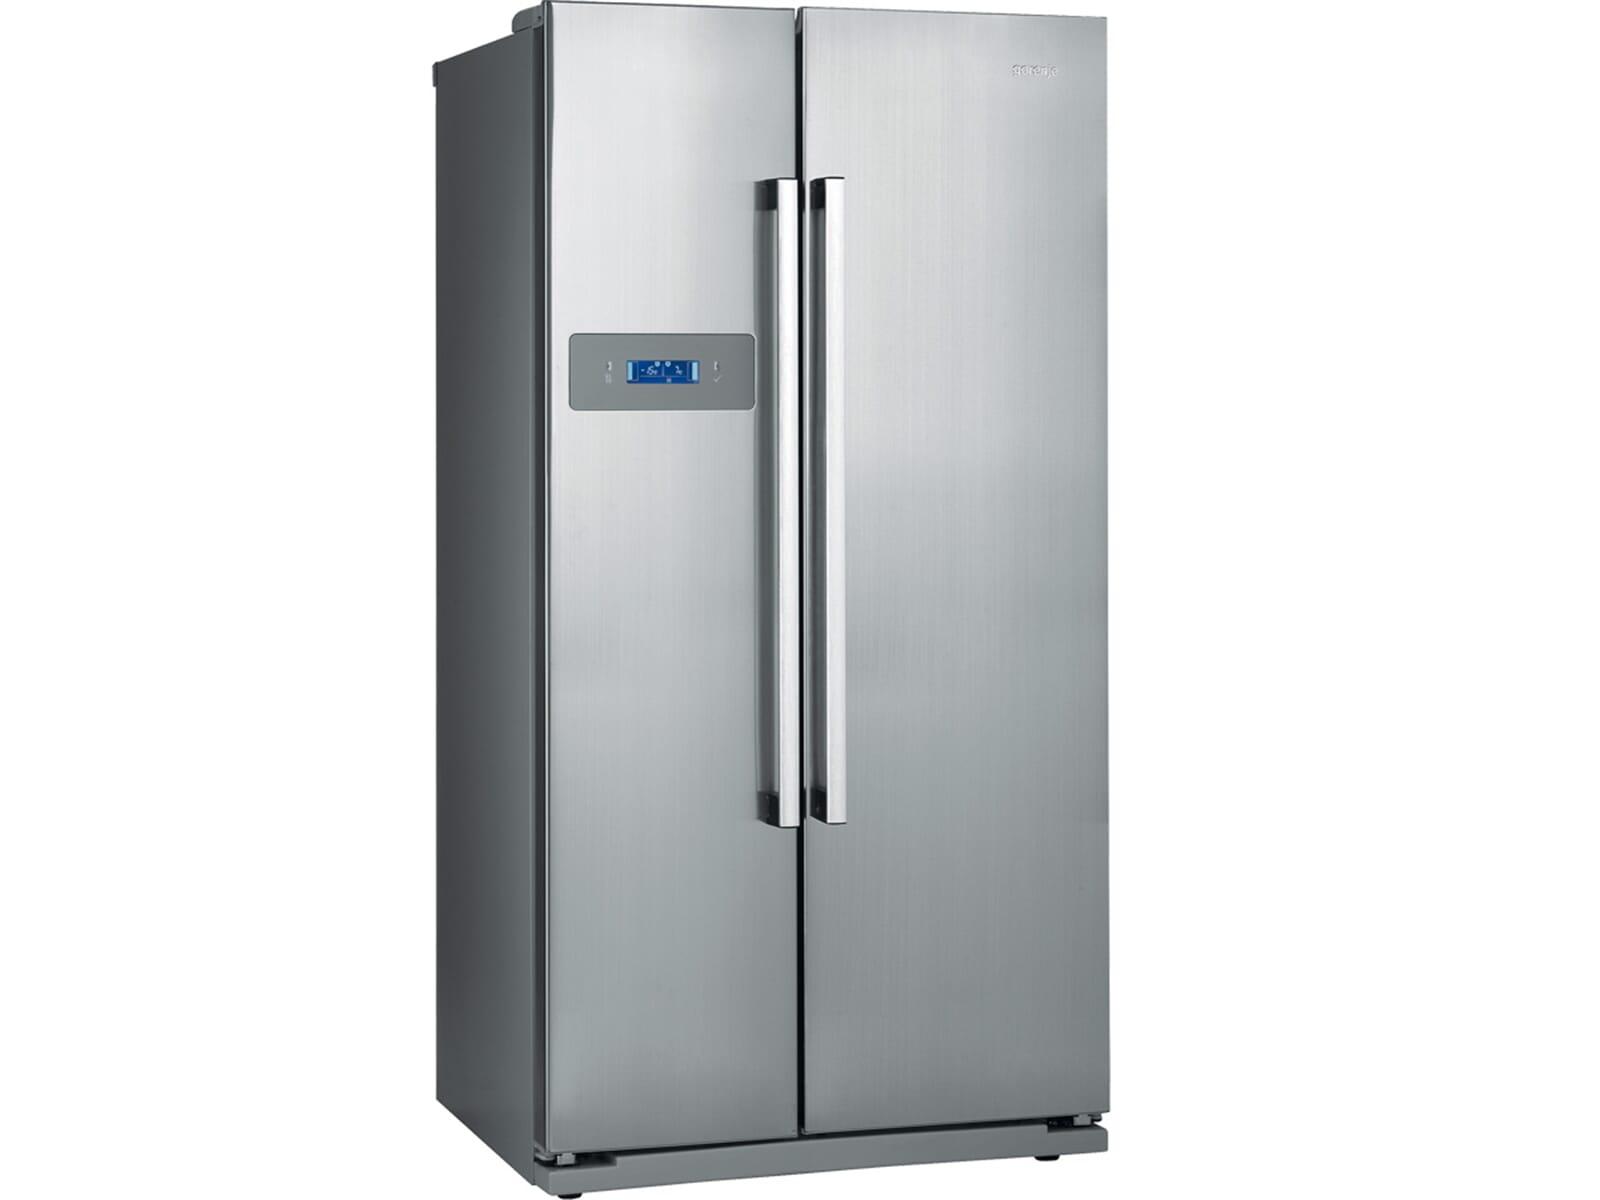 Retro Kühlschrank Mit Eiswürfelbereiter : Amerikanischer kühlschrank mit eiswürfelspender samsung rs h1ptpe